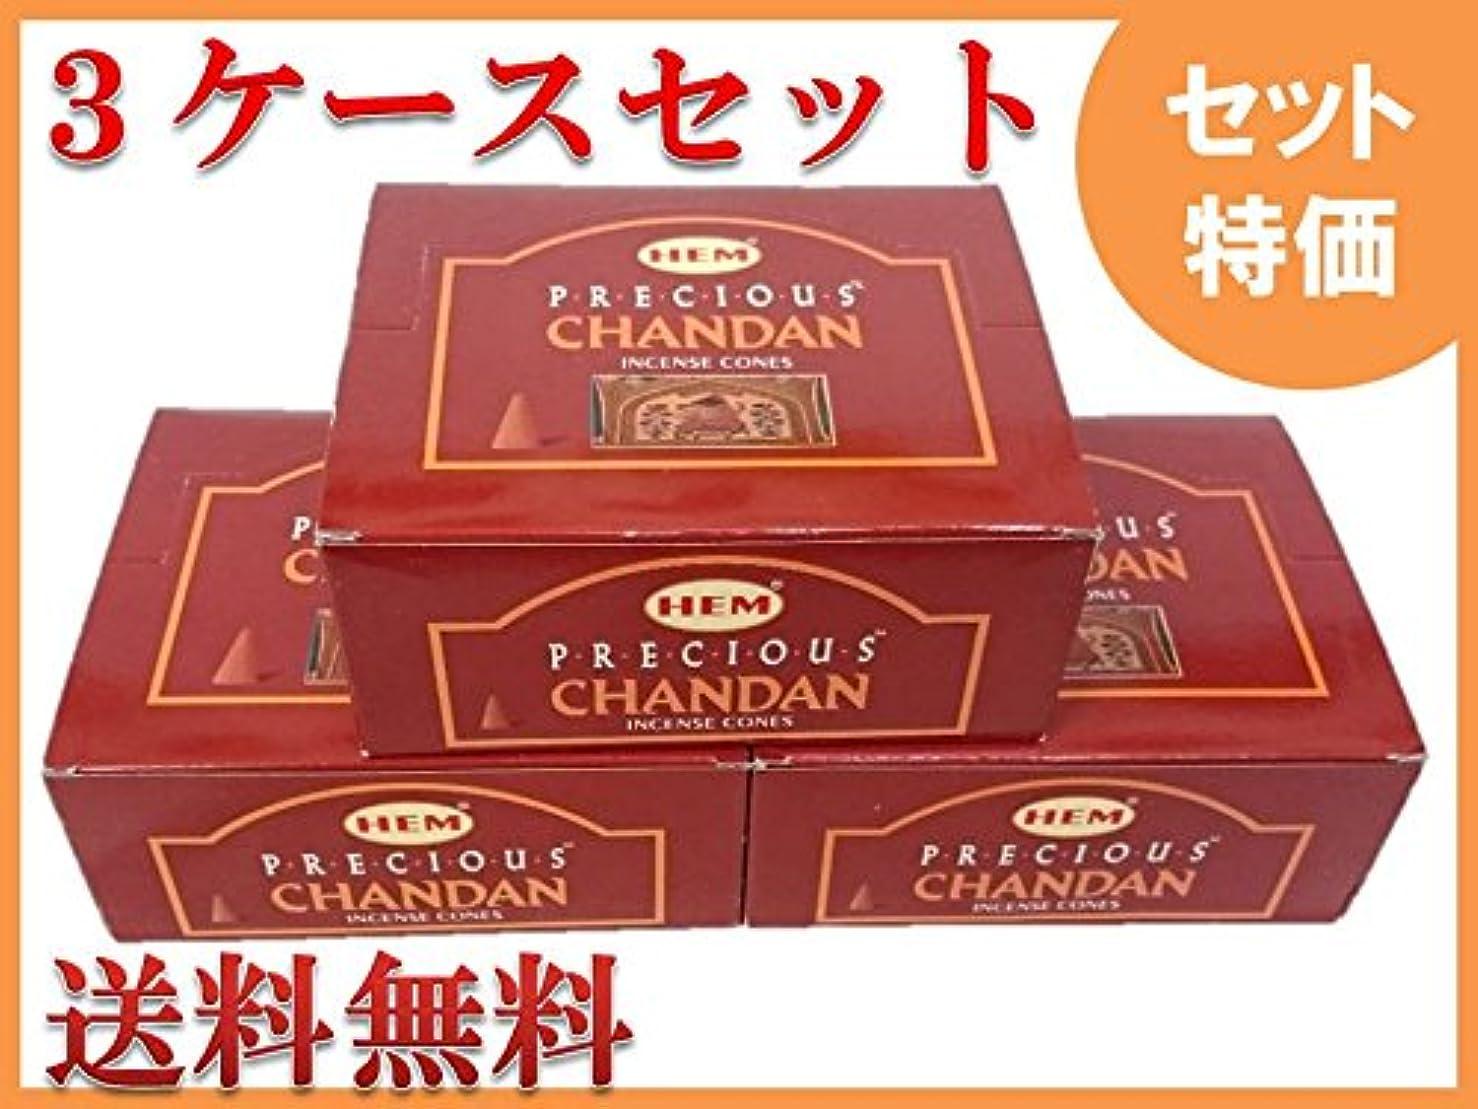 早い写真撮影分解するHEM お香コーン/(12箱入り) 3ケース(36箱)セット HEMチャンダン